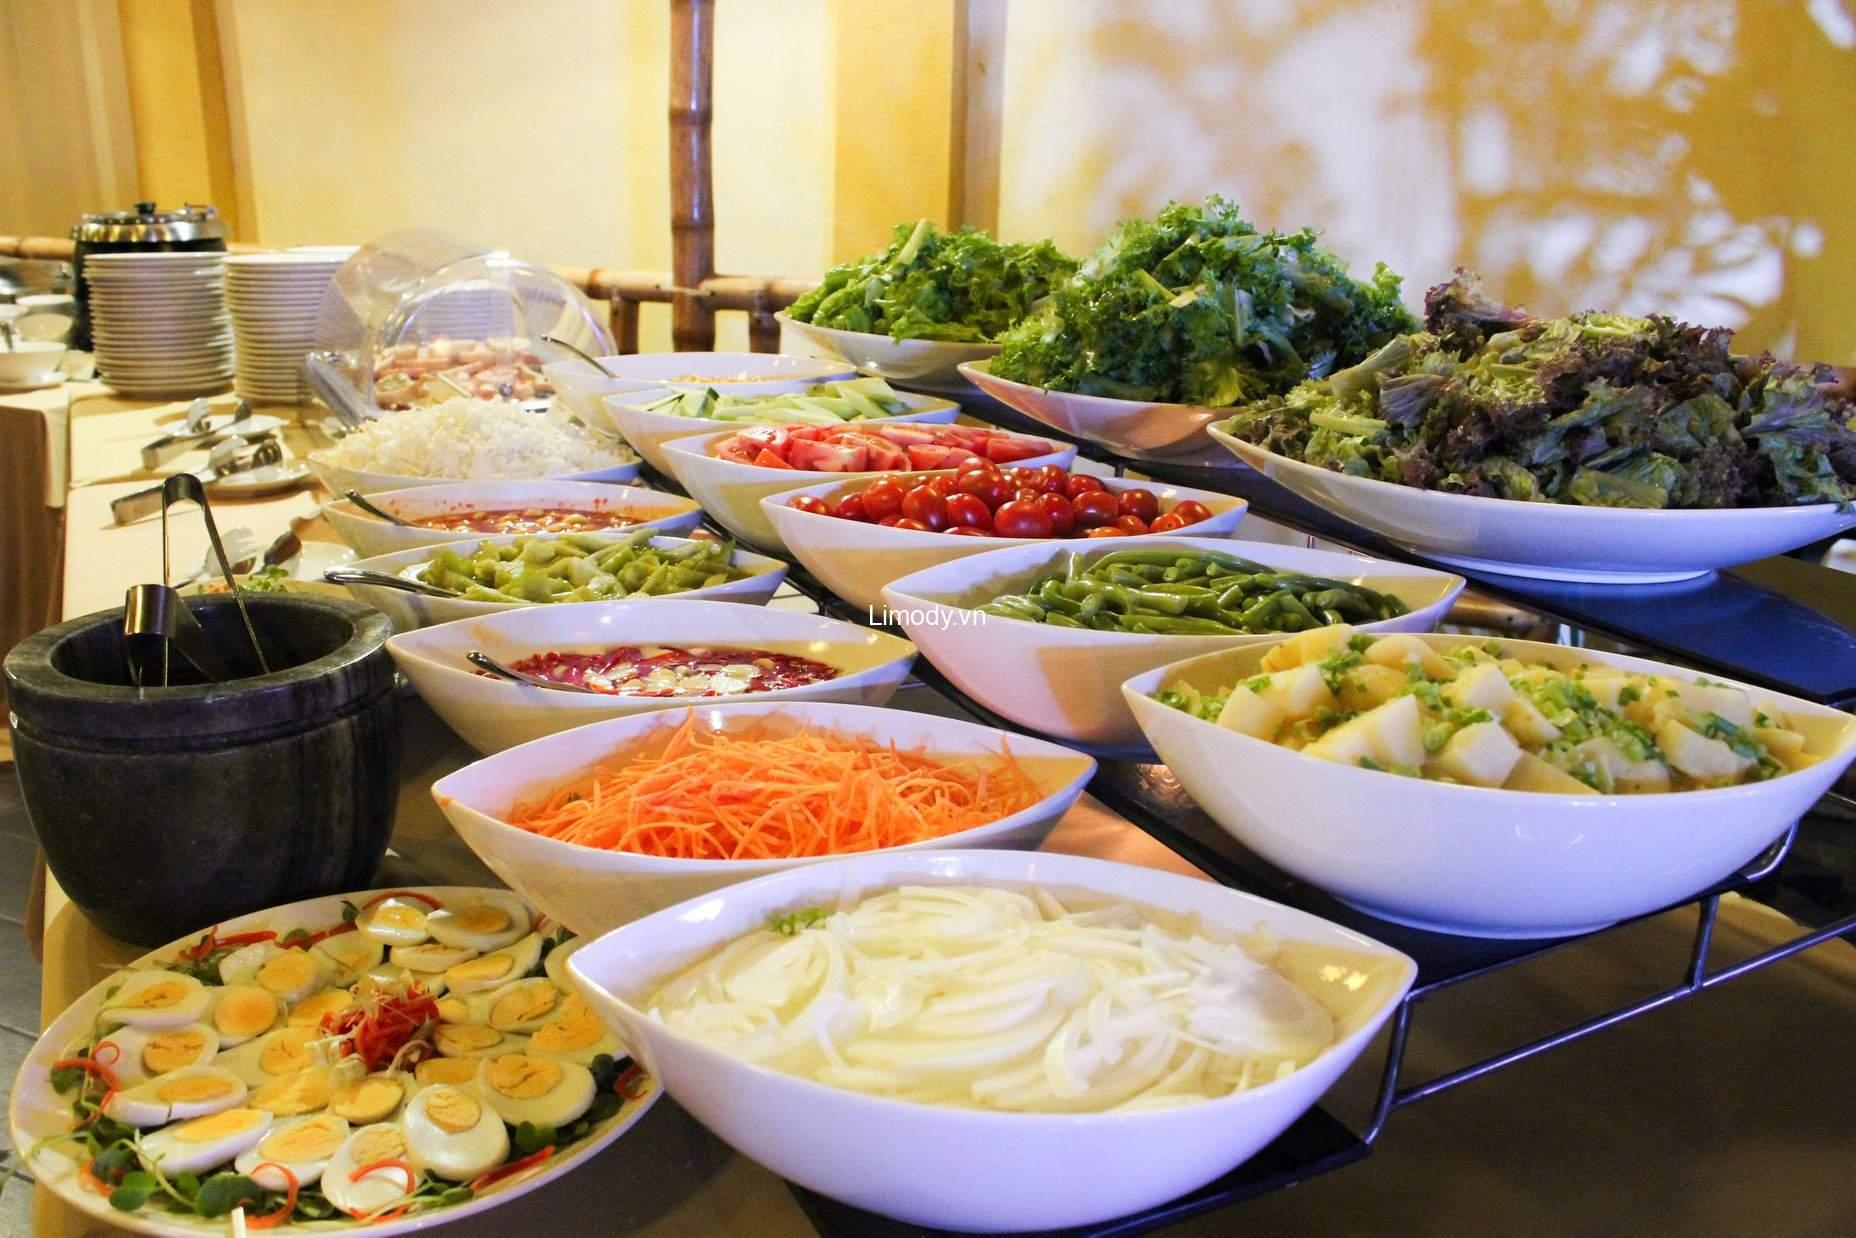 Ăn gì ở Hội An? Top 30 món ngon + nhà hàng quán ăn ngon Hội An